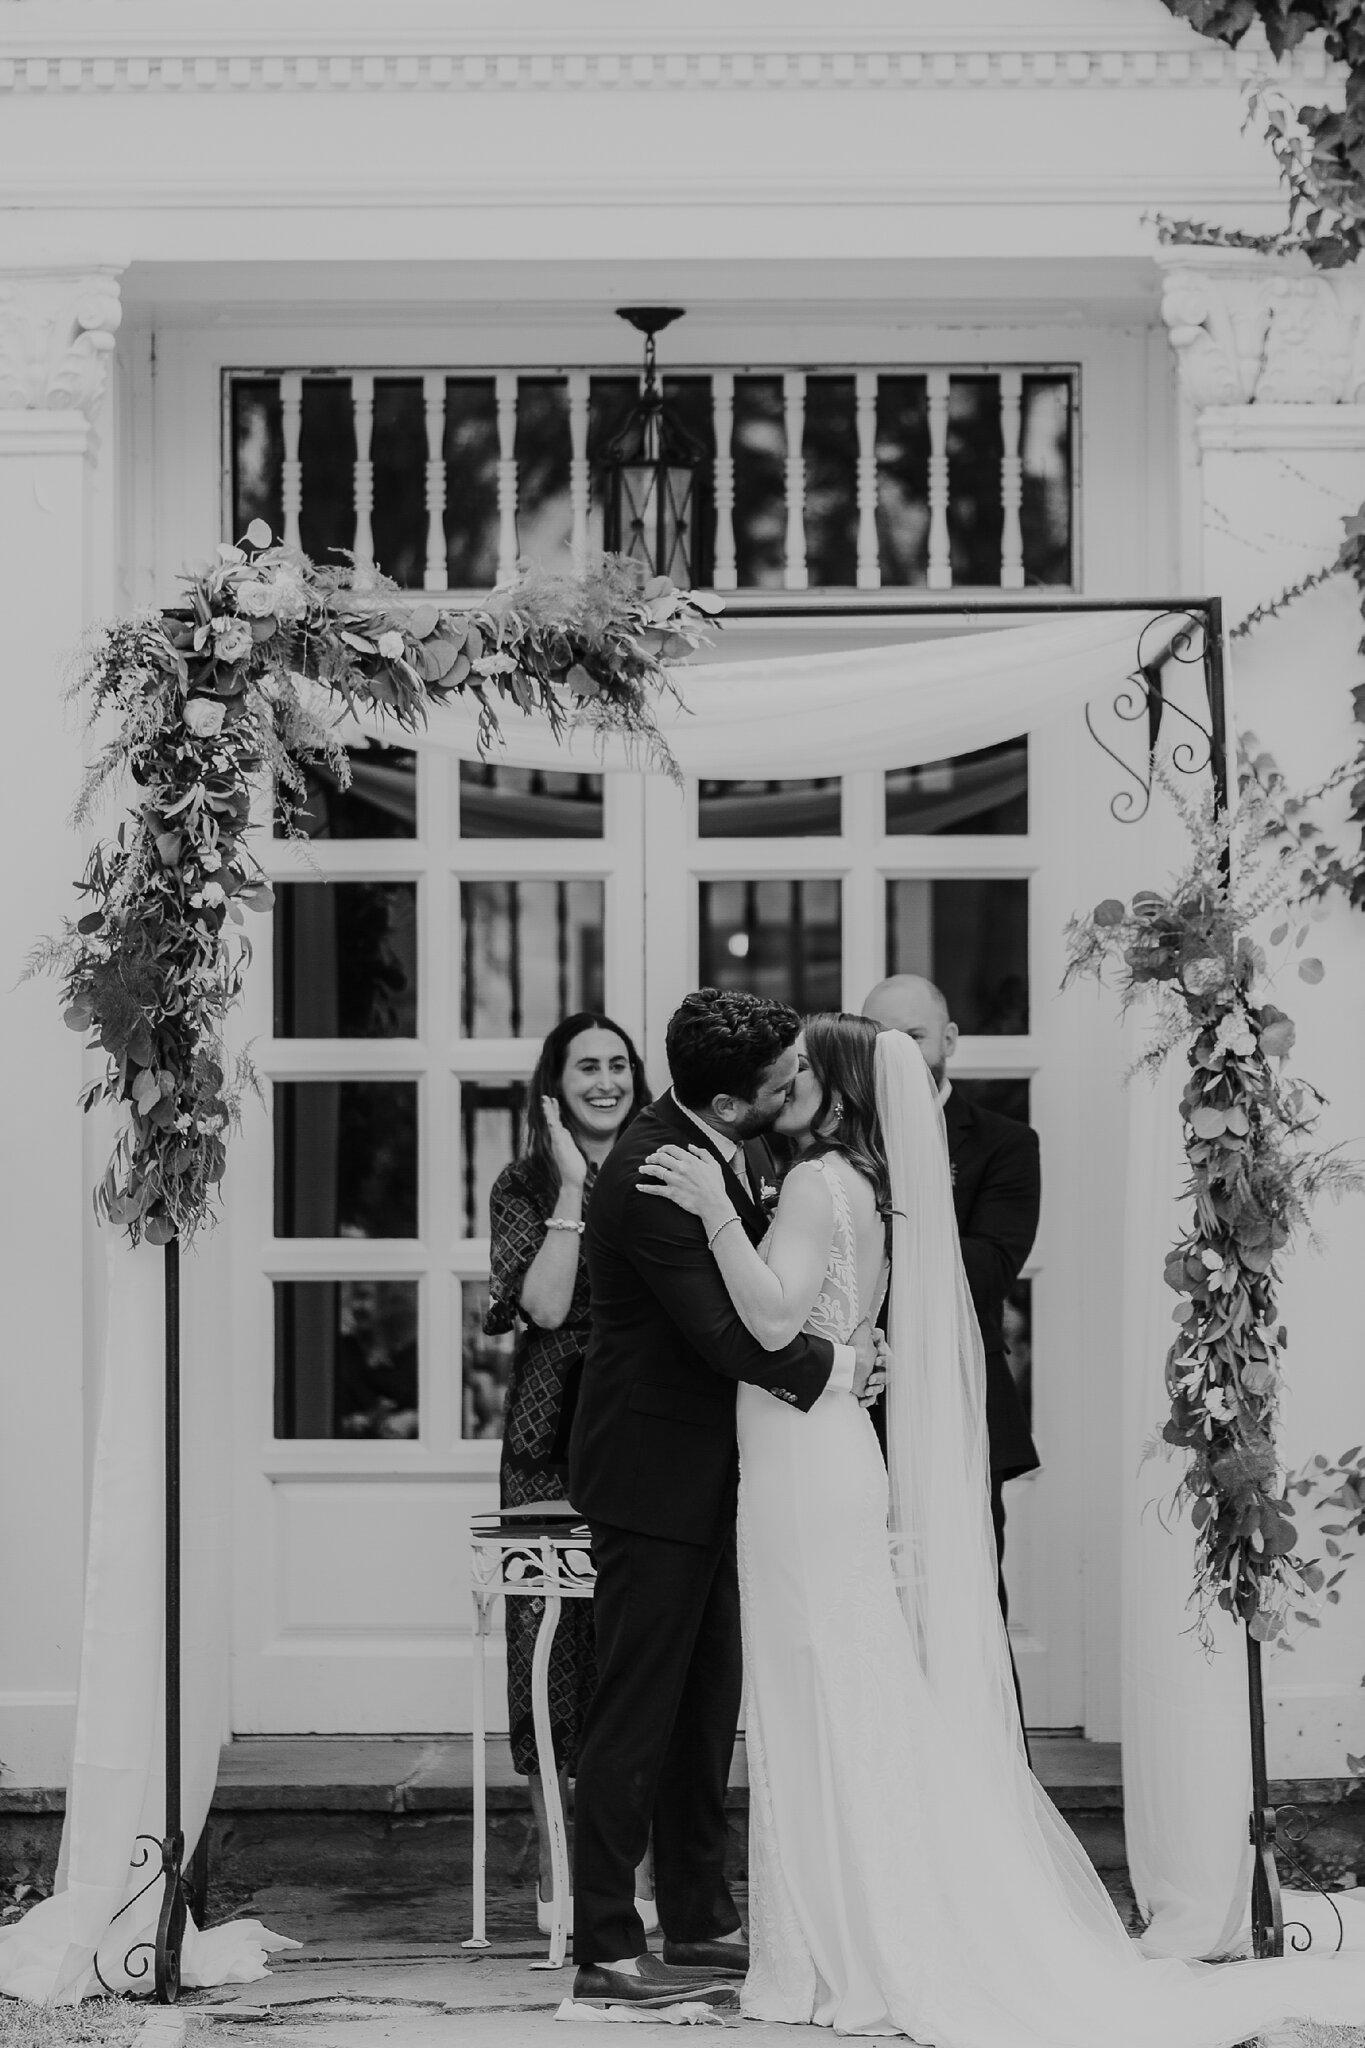 Alicia+lucia+photography+-+albuquerque+wedding+photographer+-+santa+fe+wedding+photography+-+new+mexico+wedding+photographer+-+new+mexico+wedding+-+wedding+-+albuquerque+wedding+-+los+poblanos+-+los+poblanos+wedding+-+fall+wedding_0065.jpg